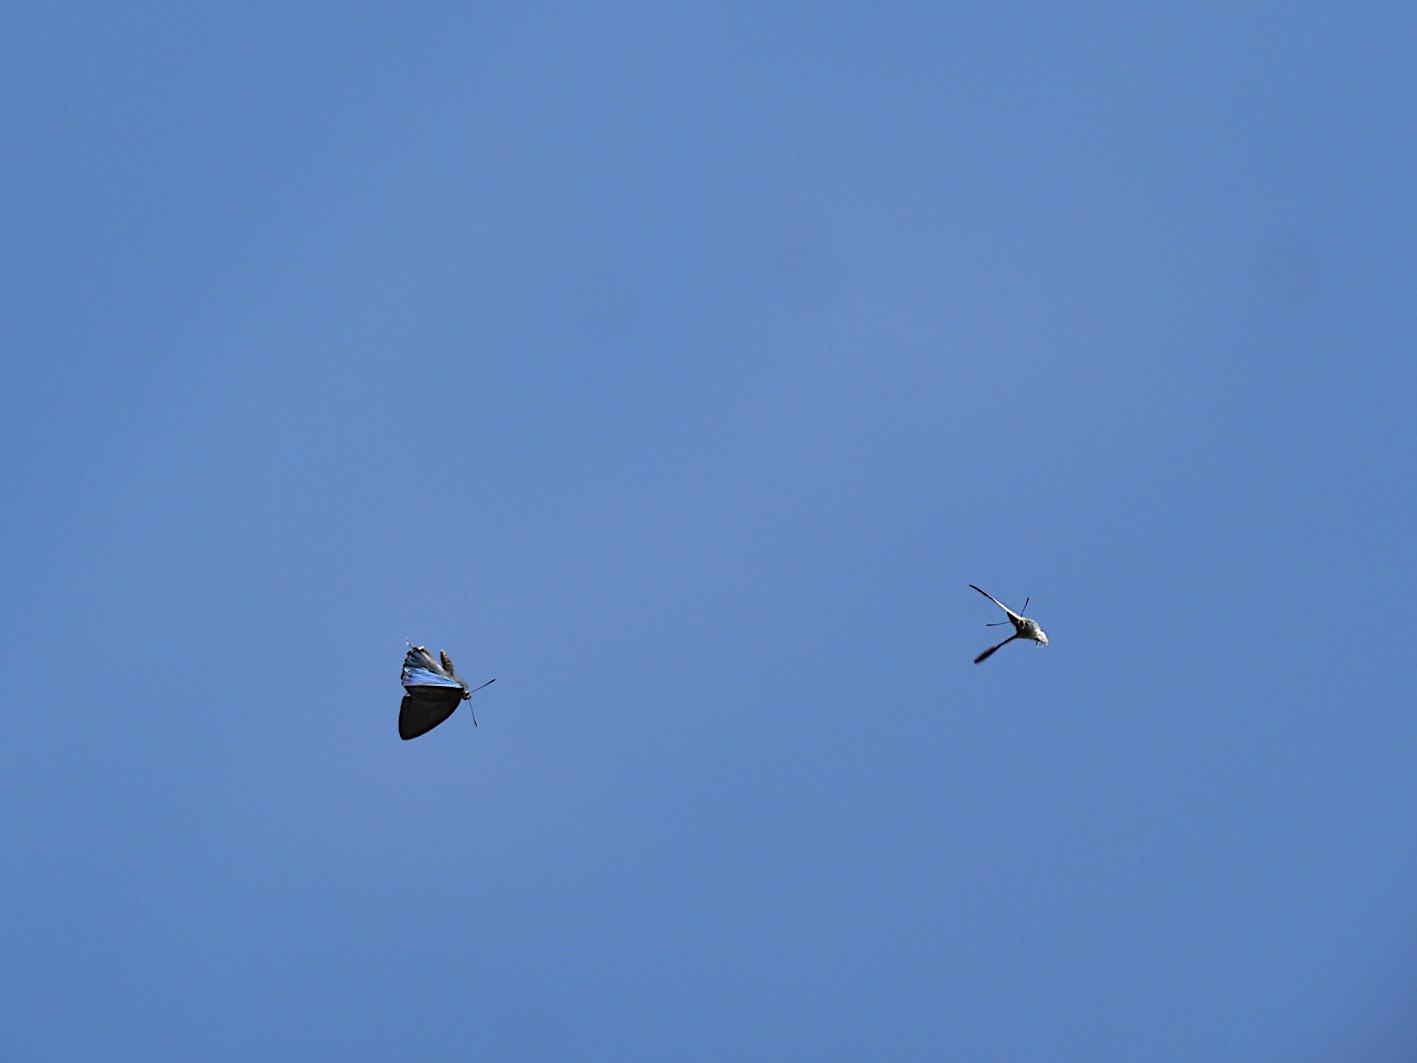 オオミドリシジミの飛翔シーン(2019年6月11日)_d0303129_7251656.jpg